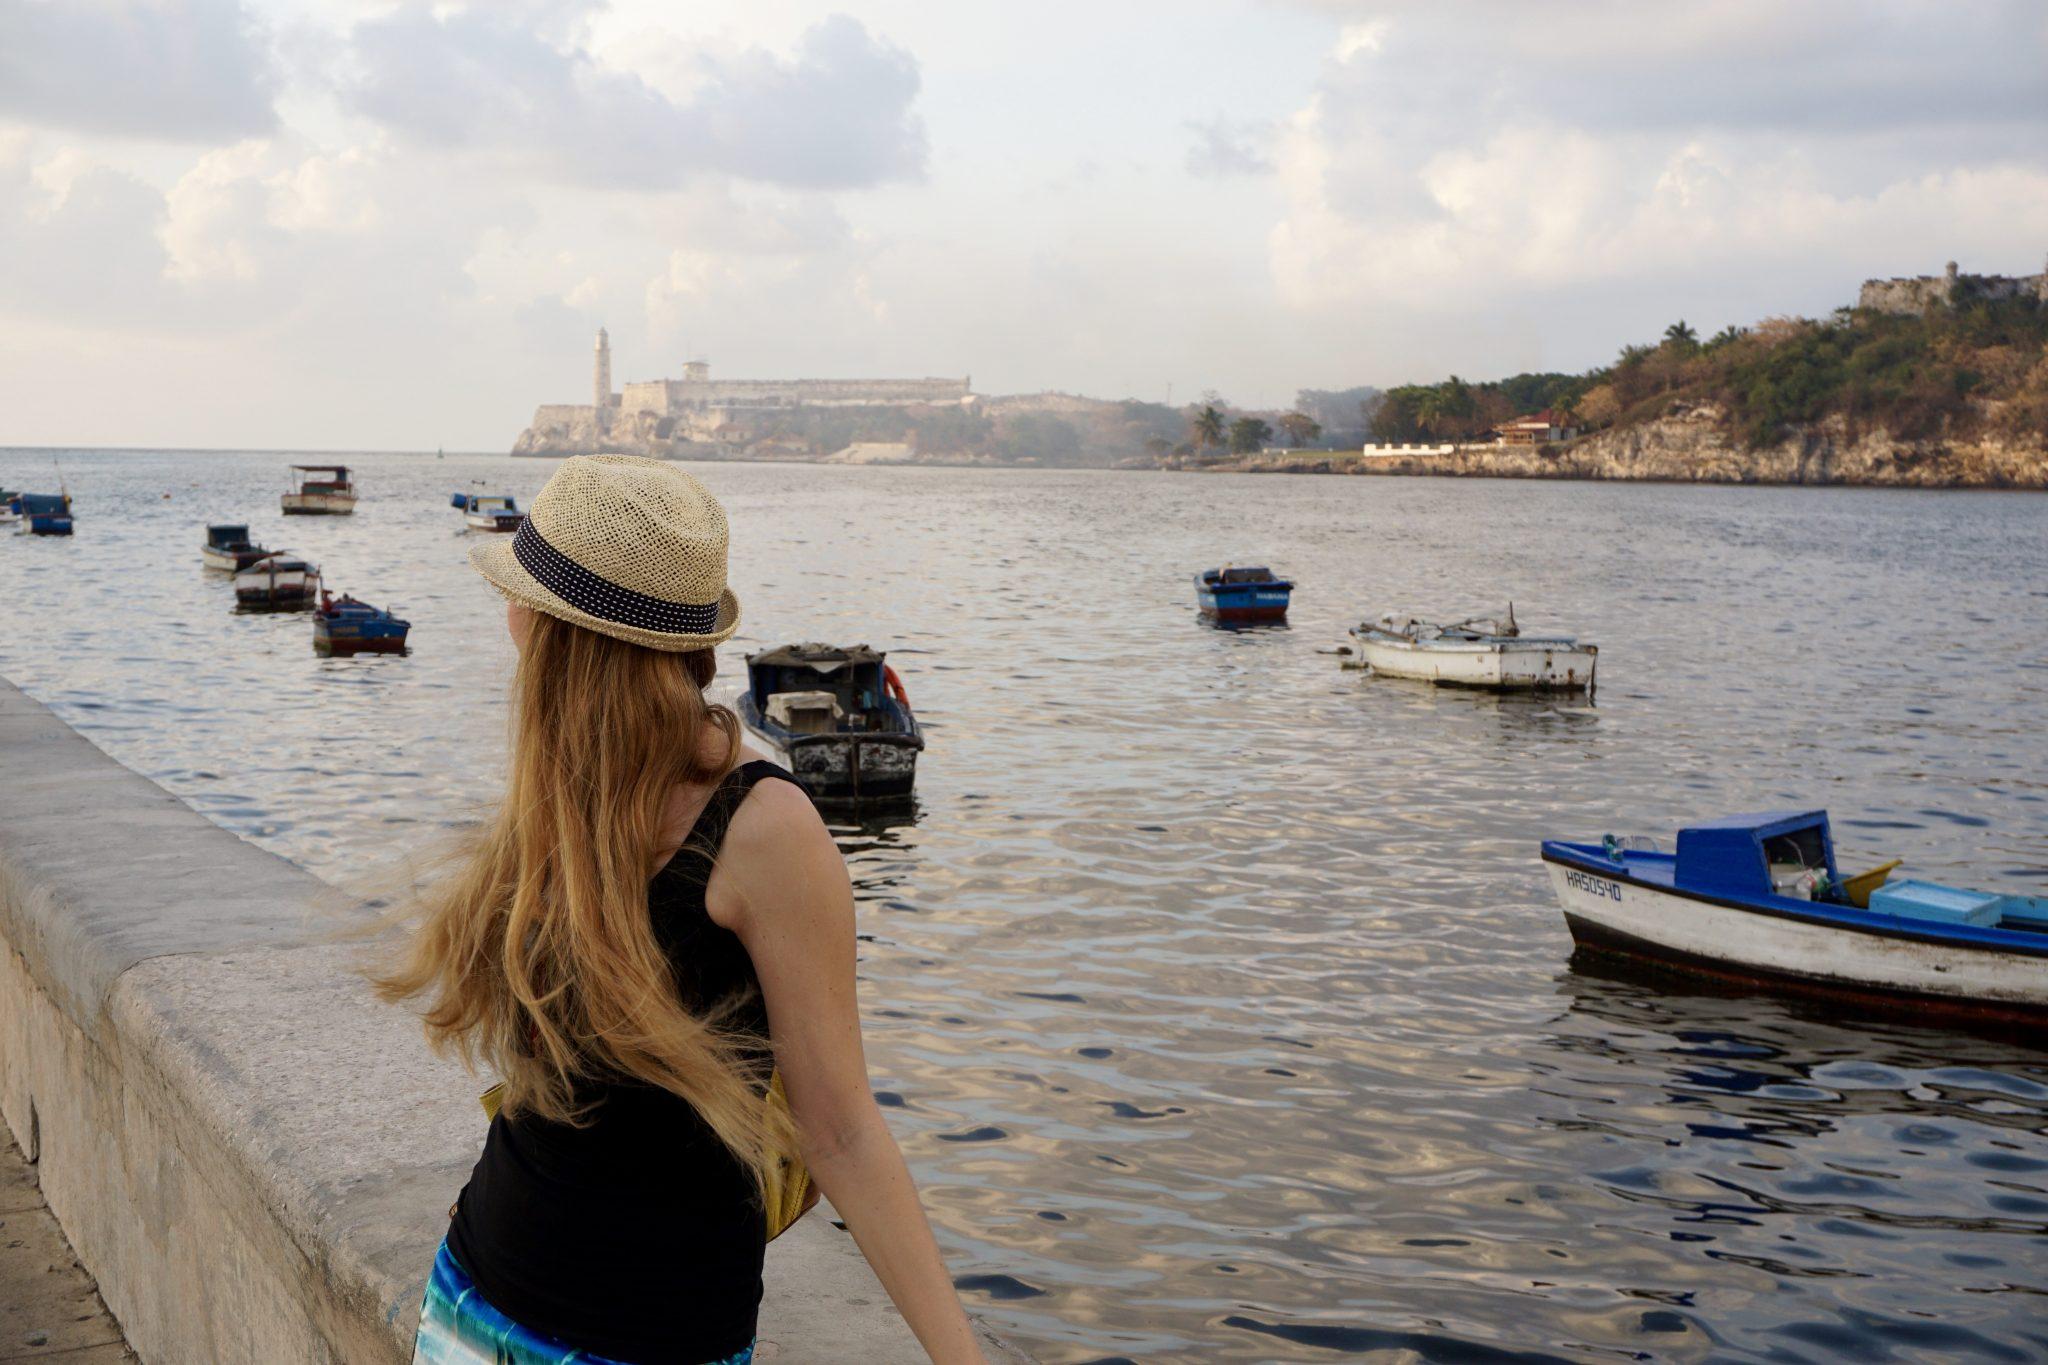 Havana, Cuba, malecon, boardwalk, sunset